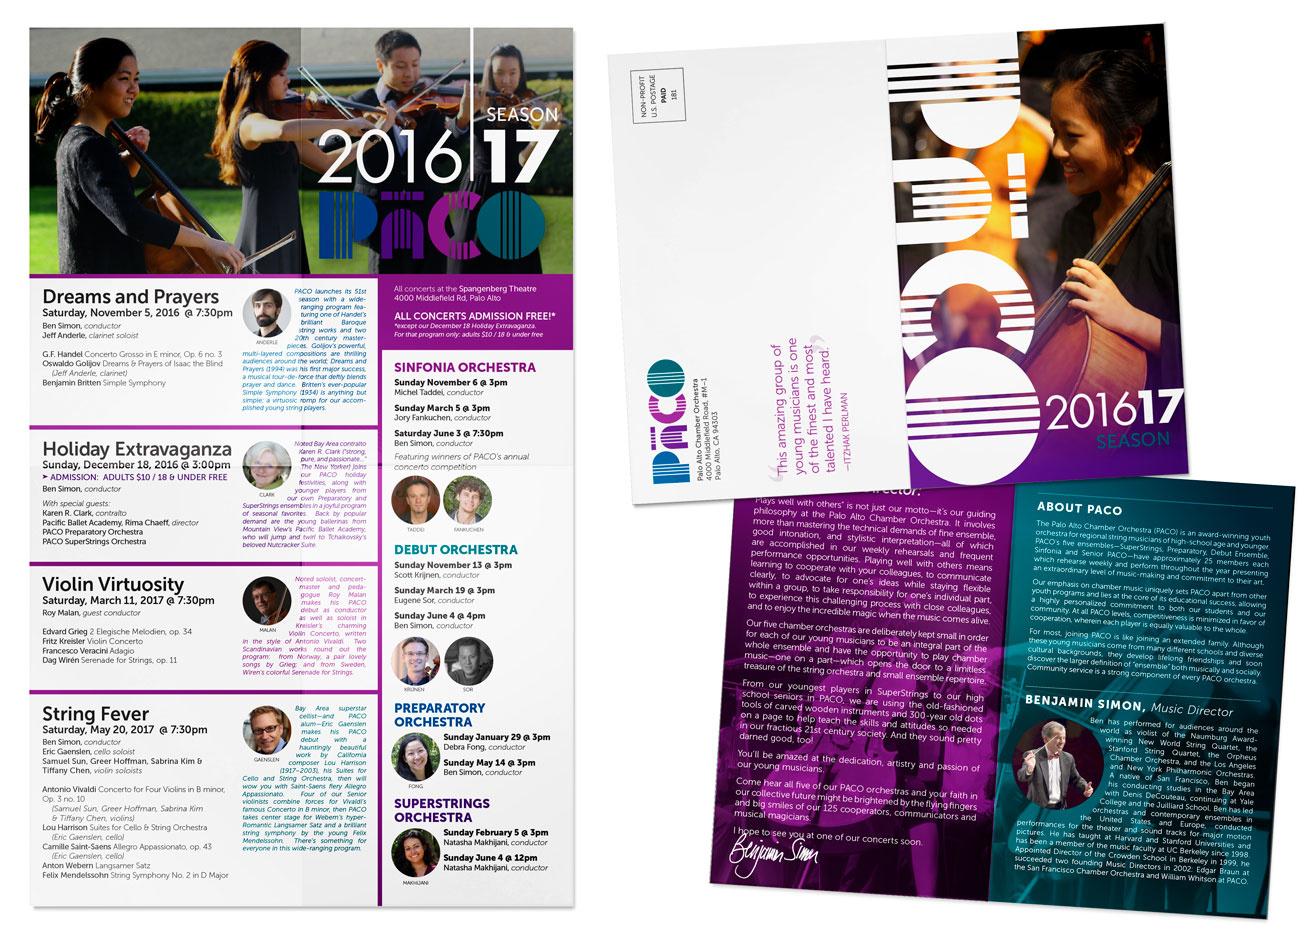 PACO-brochure1.jpg